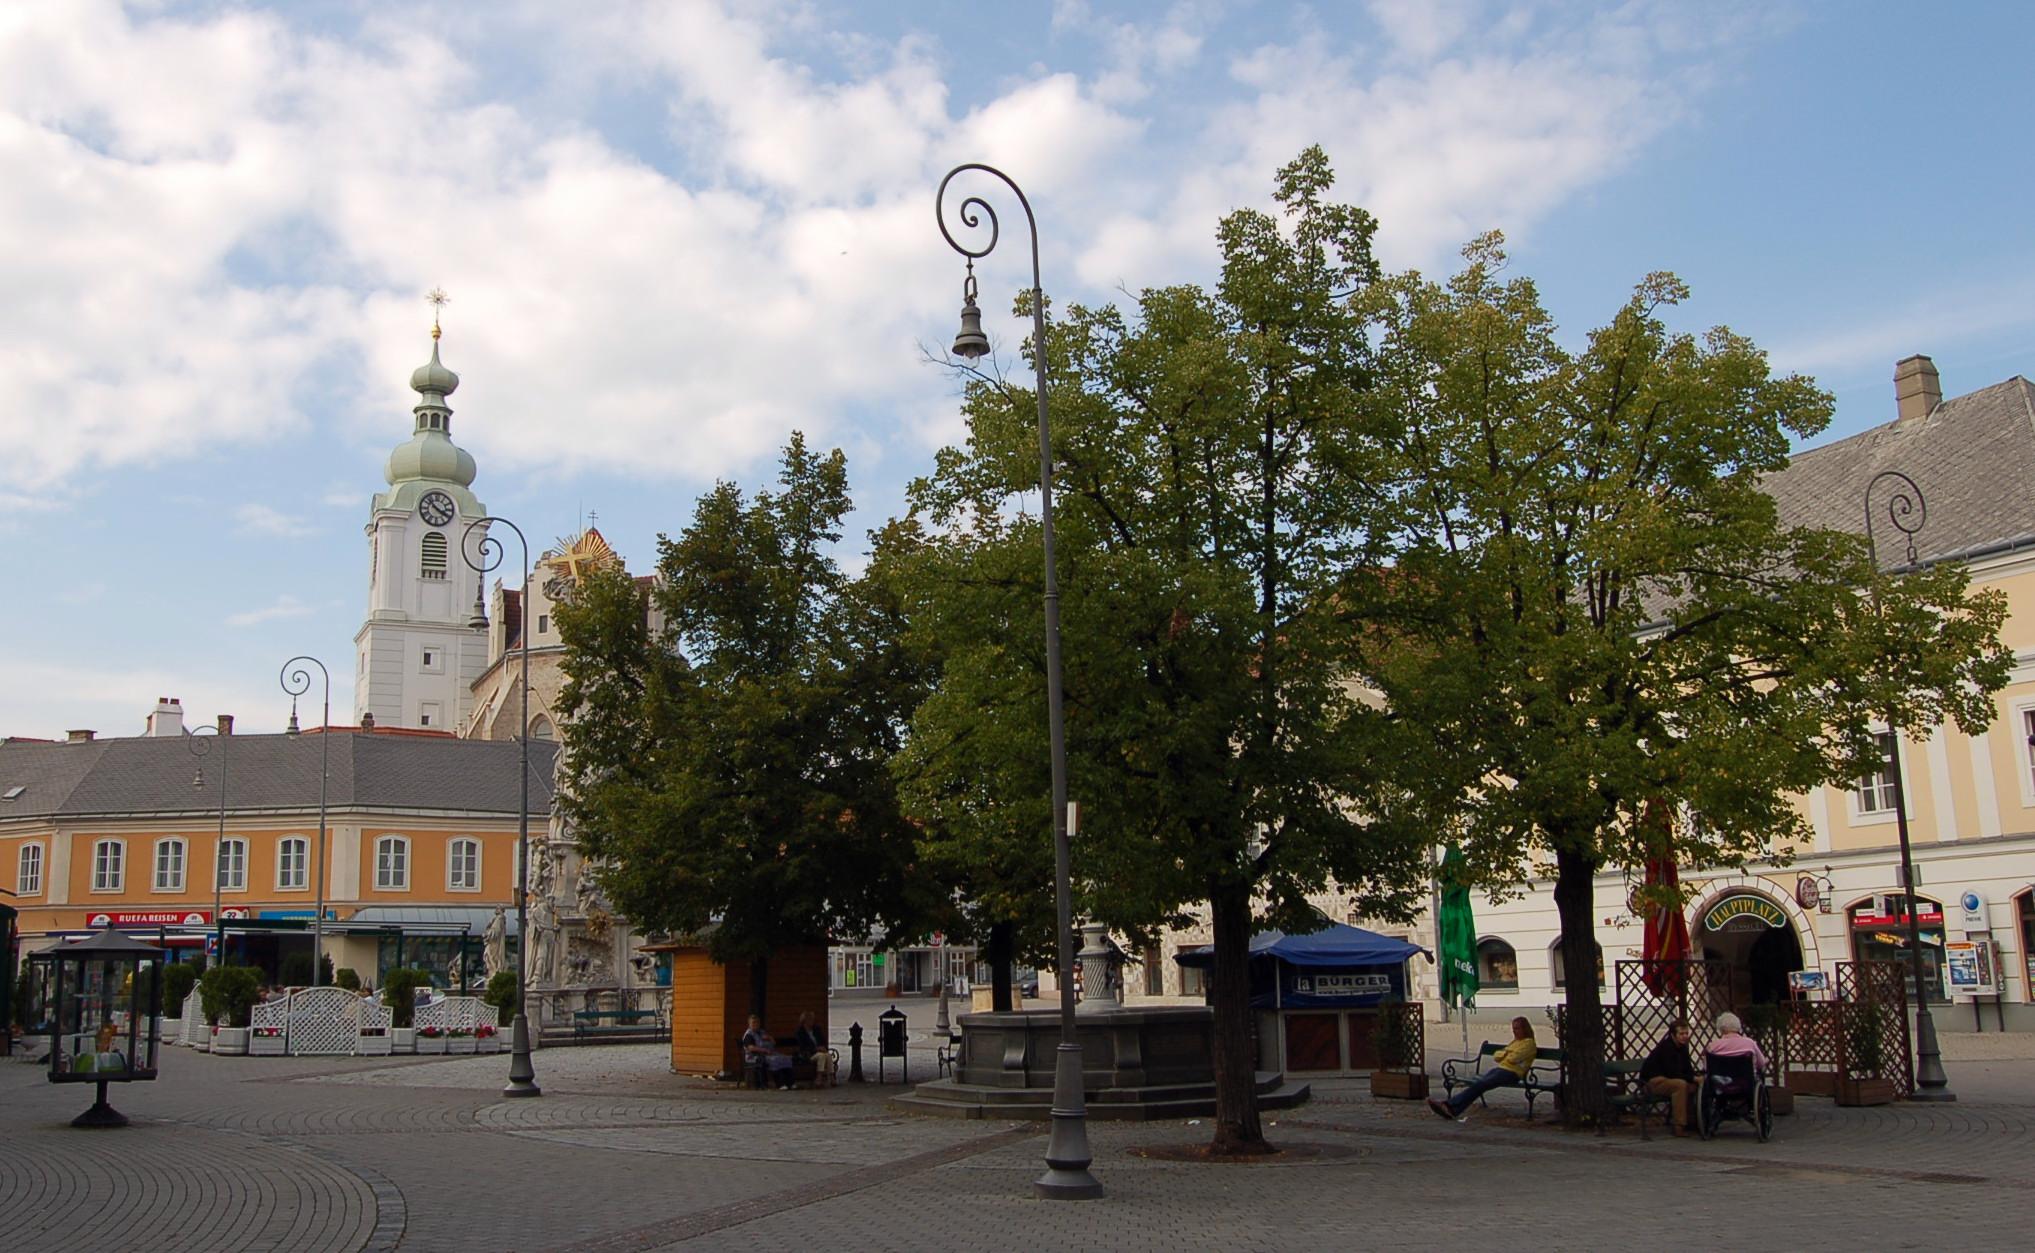 Neunkirchen noe Hauptplatz.JPG